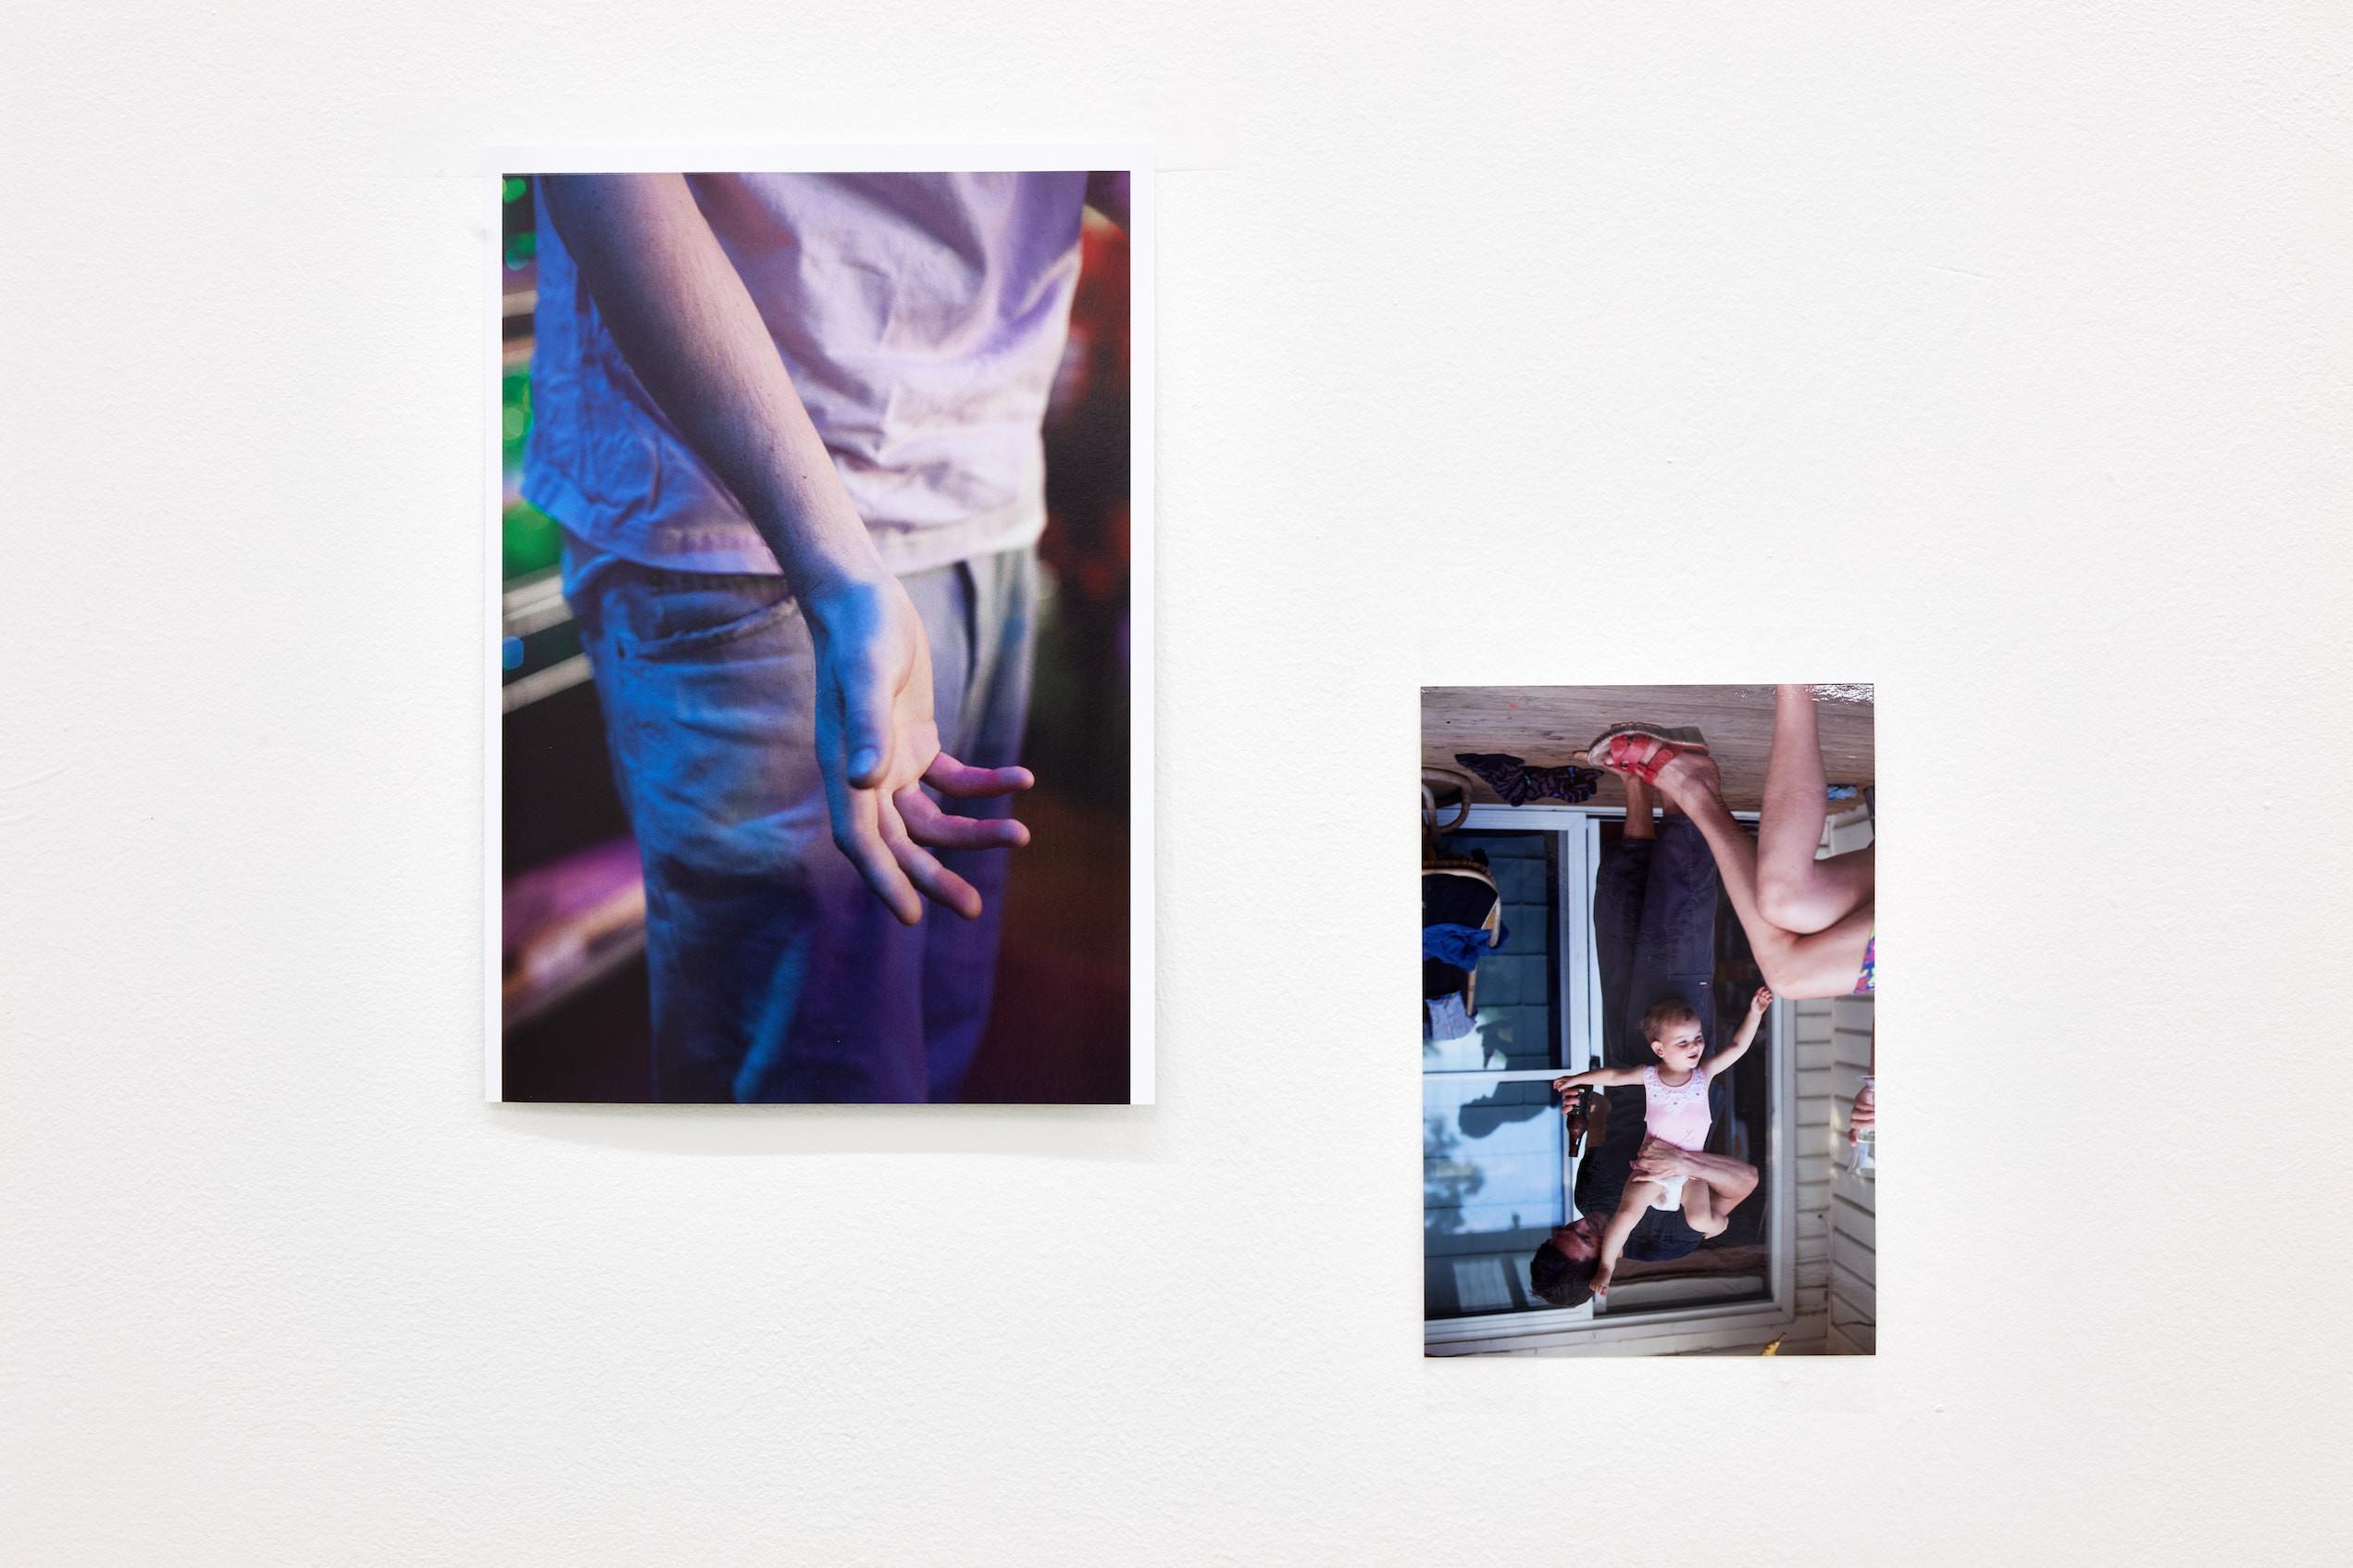 Wolfgang Tillmans: A te tested a tiéd . Kiállítási látkép, Trafó Galéria, 2021. Balra: Mischlicht, 2011. Jobbra: Harriette and Benjamin, 2011. Photo: Dávid Biró